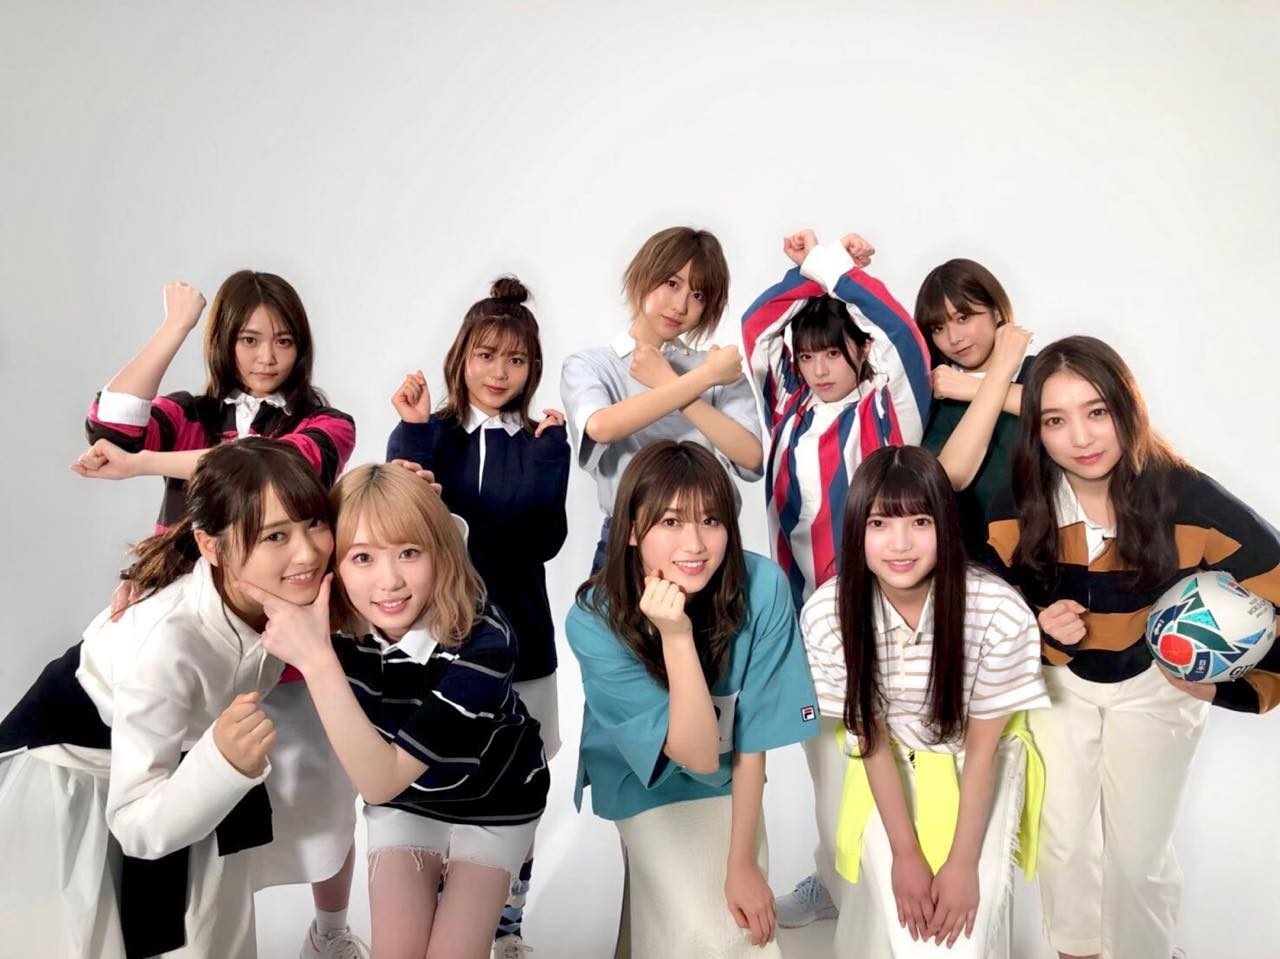 欅坂46 スペシャル企画『ラガーシャツに着替えたら』掲載 「Men's NONNO 2019年7月号」6/8発売